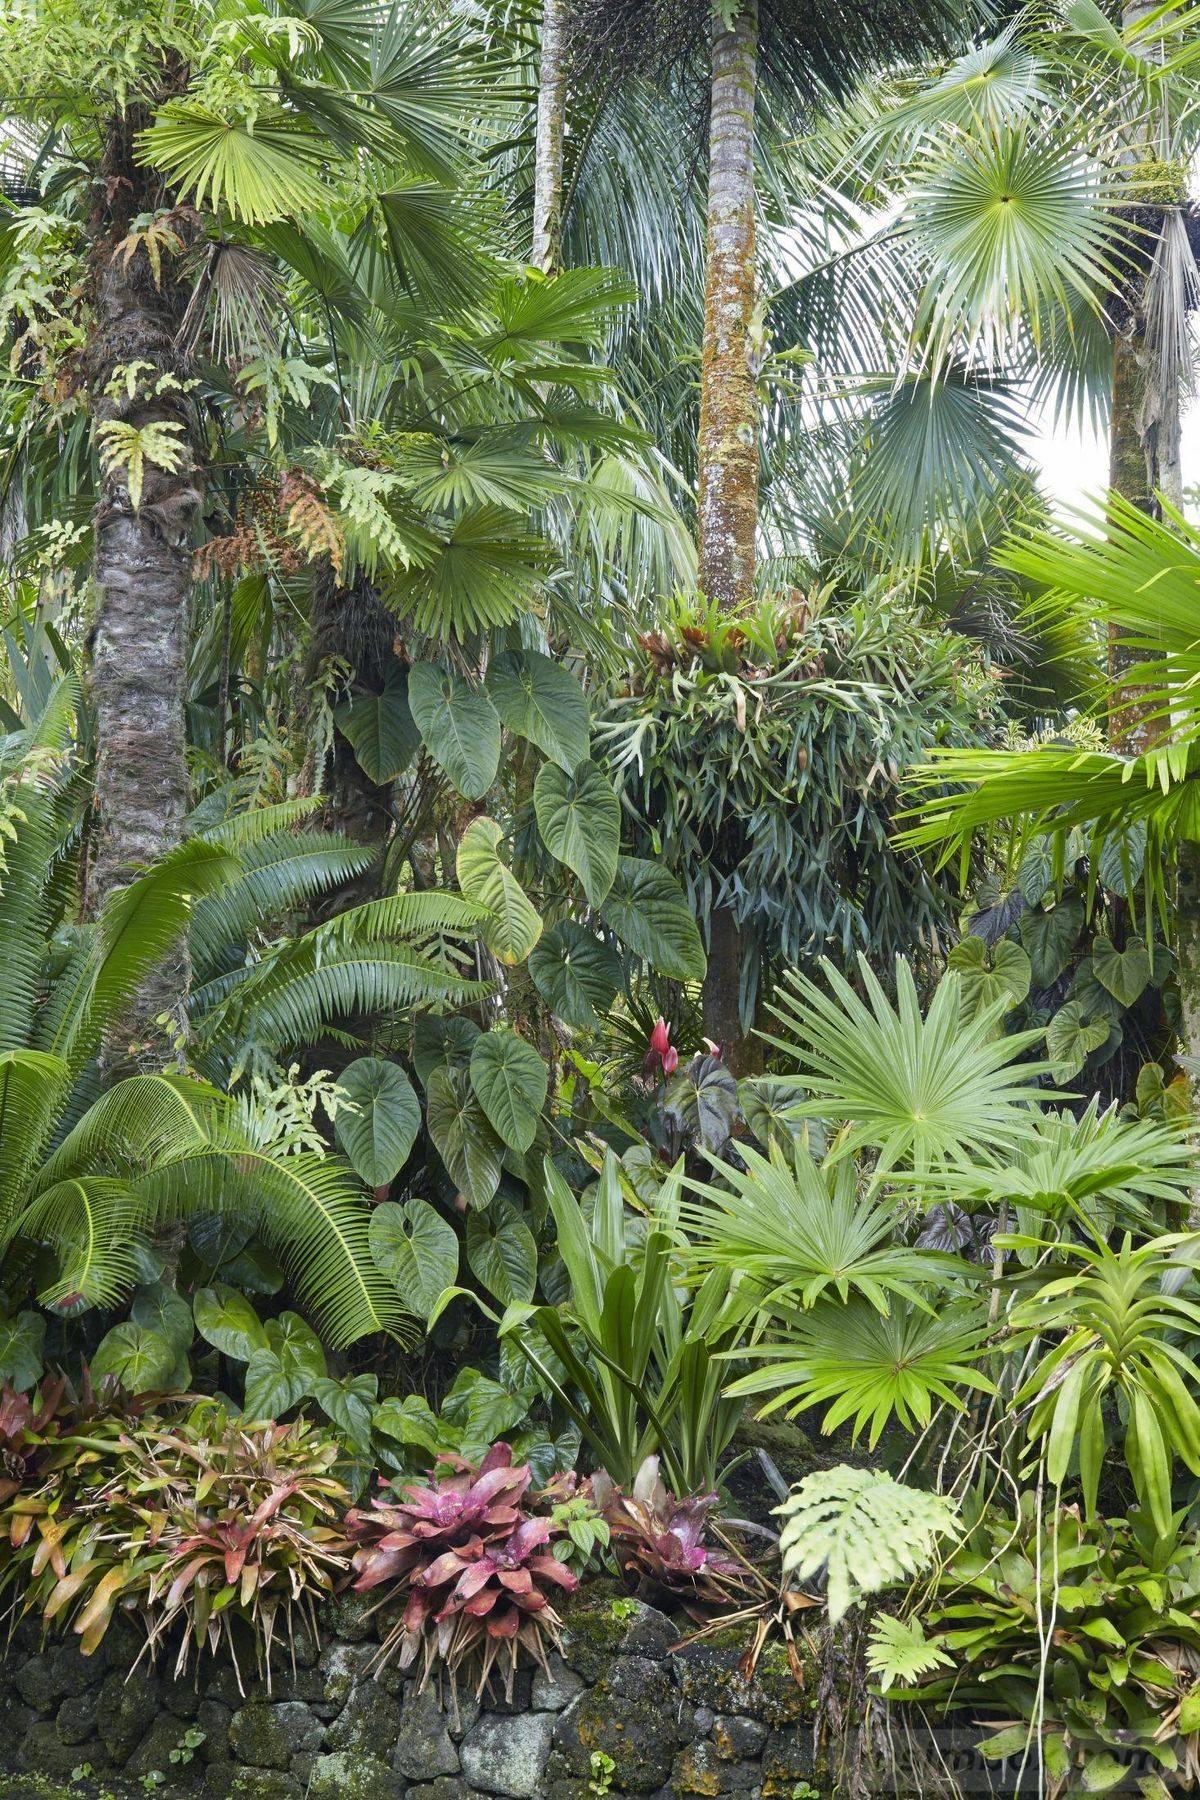 tropical garden ideas-187743878201672189